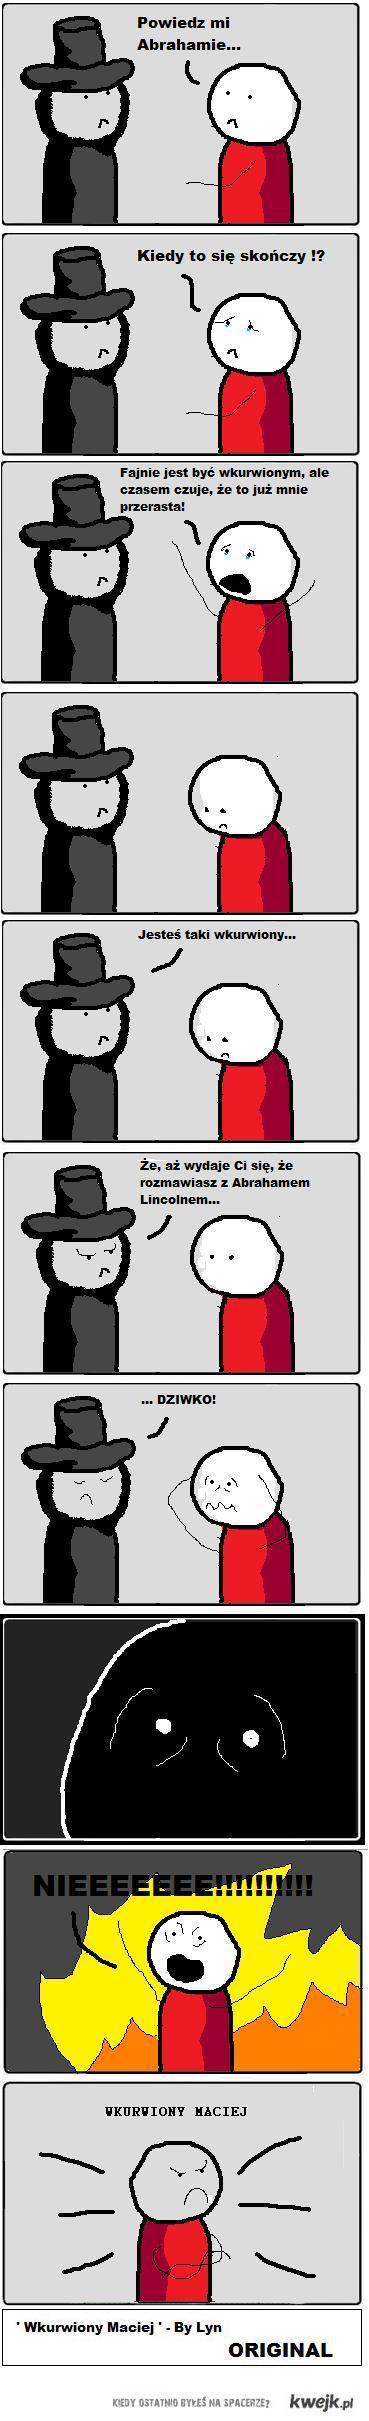 Wkurwiony Maciej vs Abraham Lincoln